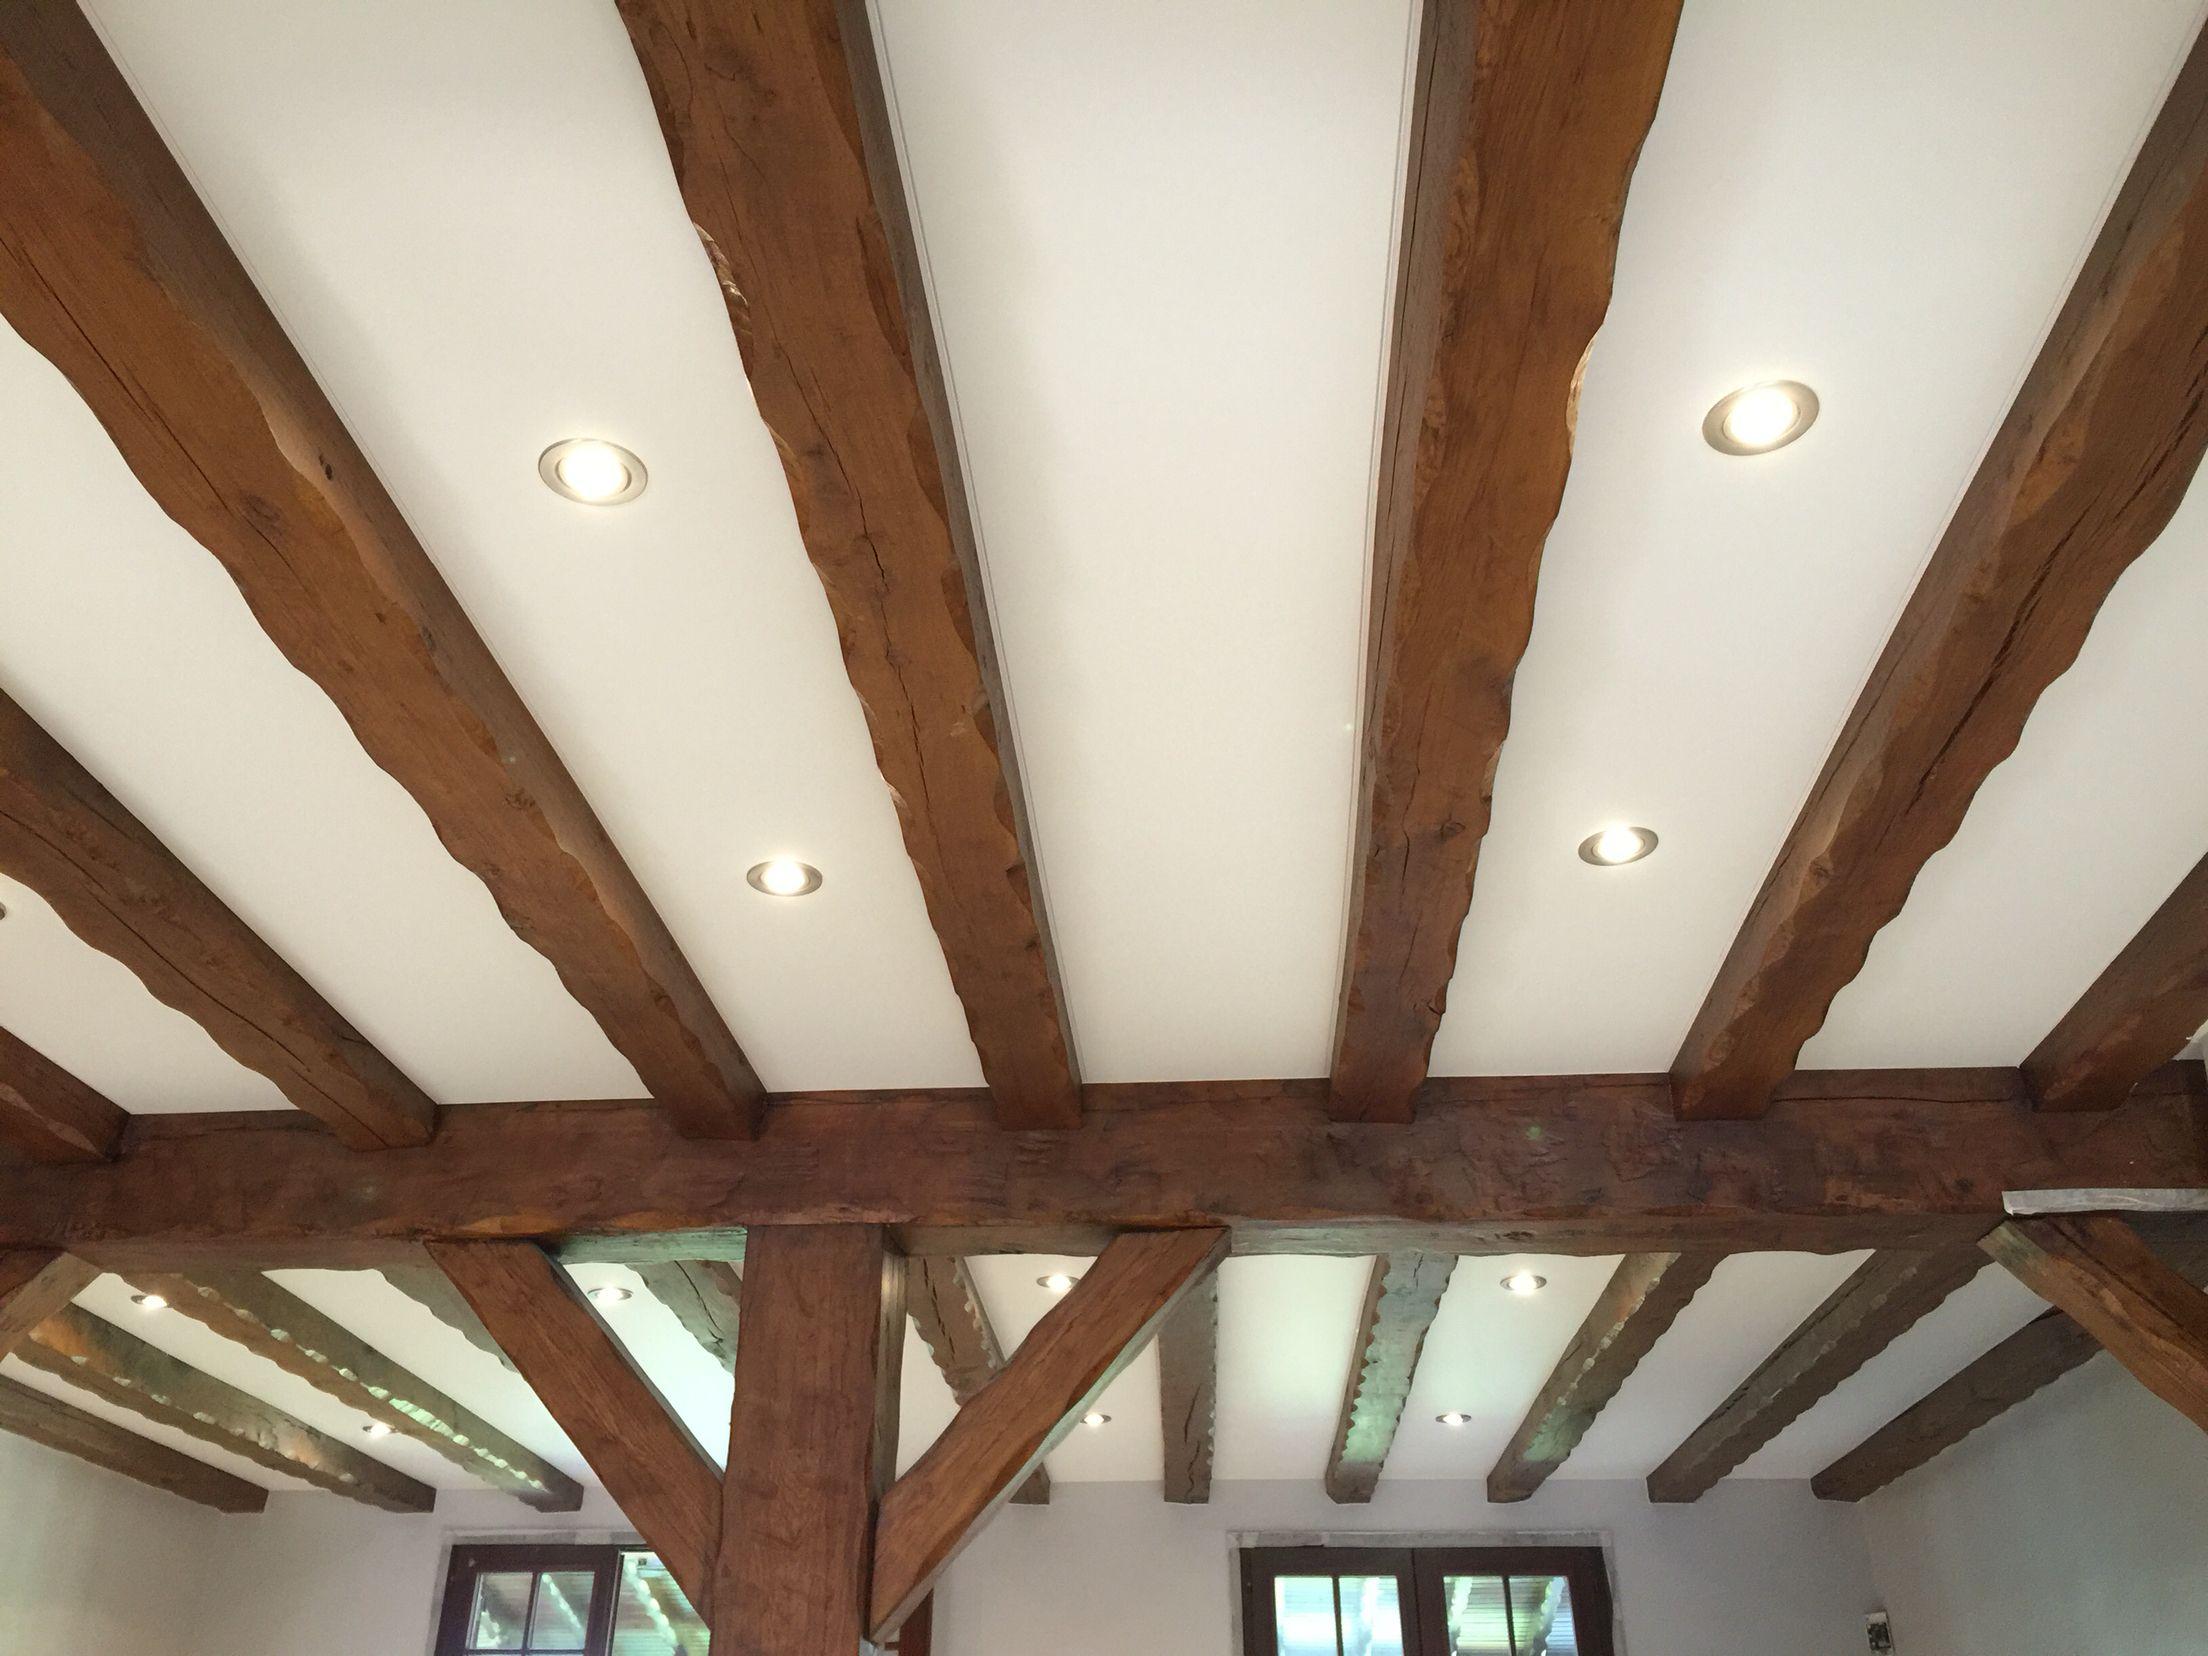 Plafond tendu entre poutre inove blanc satin et spots led - Plafond avec poutres apparentes ...